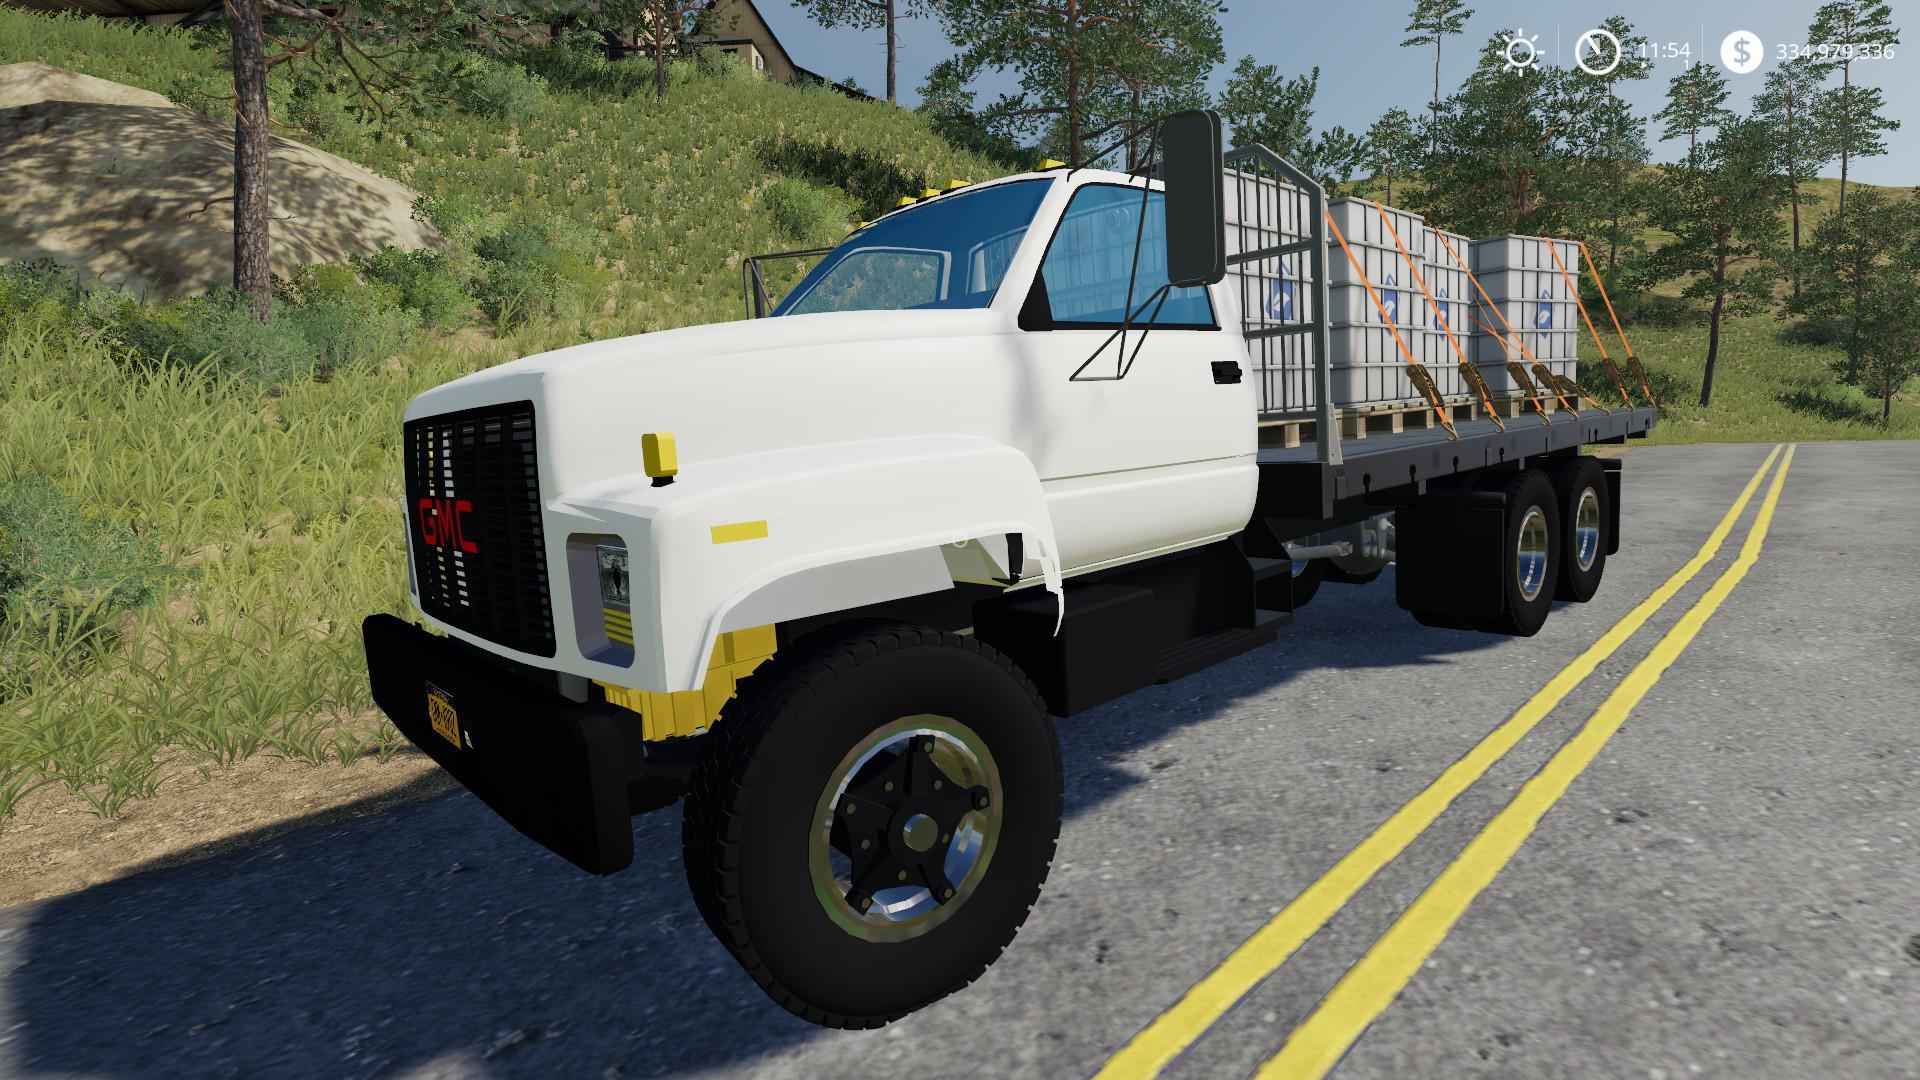 GMC Flatbed v1 0 0 0 Truck FS19 - Farming simulator 17 / 2017 mod